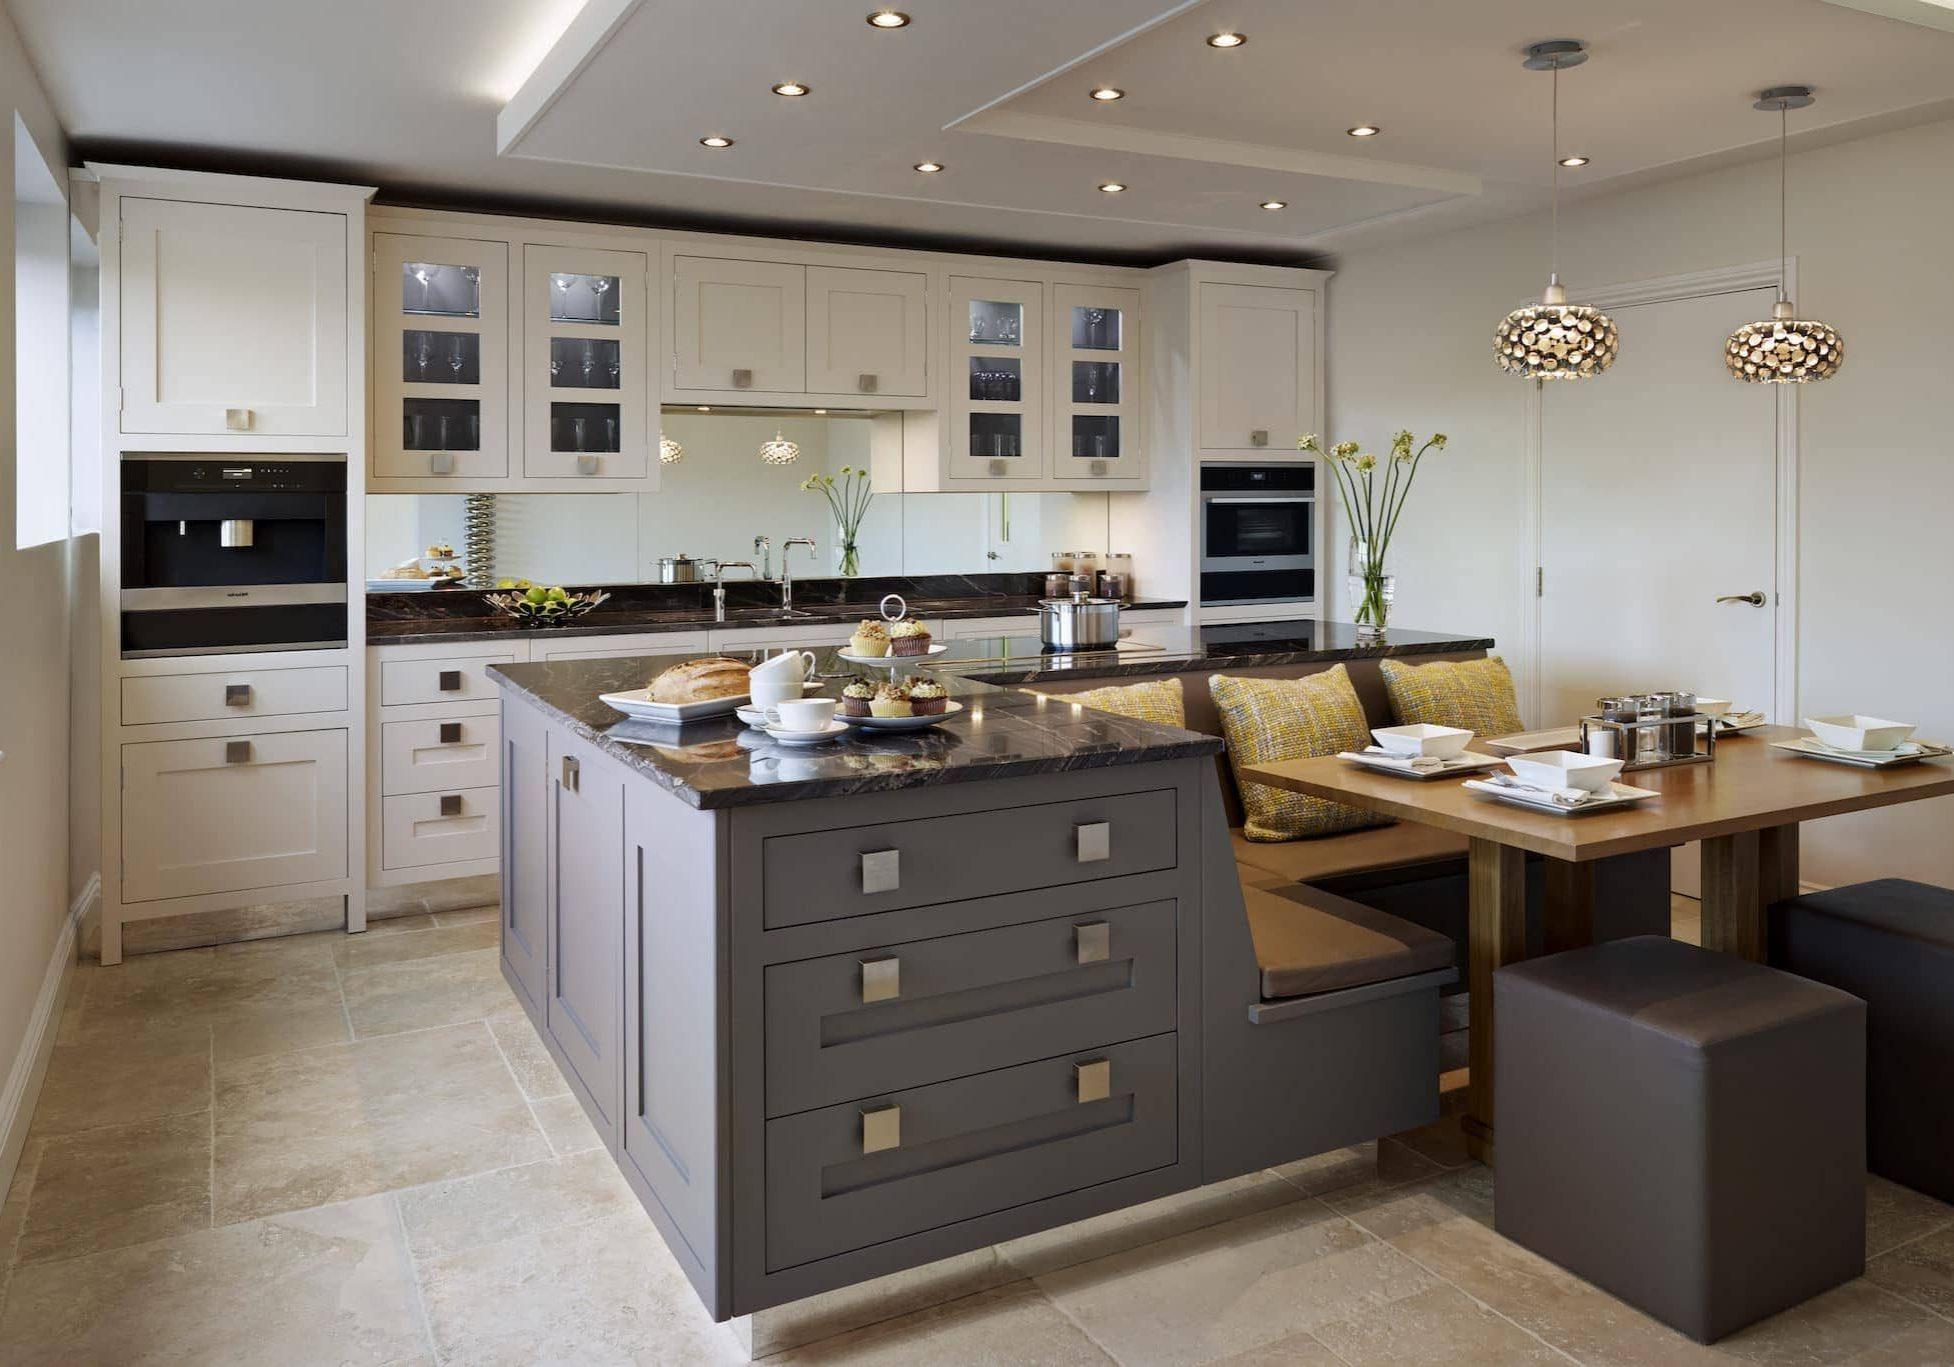 Прямая серо-белая кухня модерн, матовая с островом